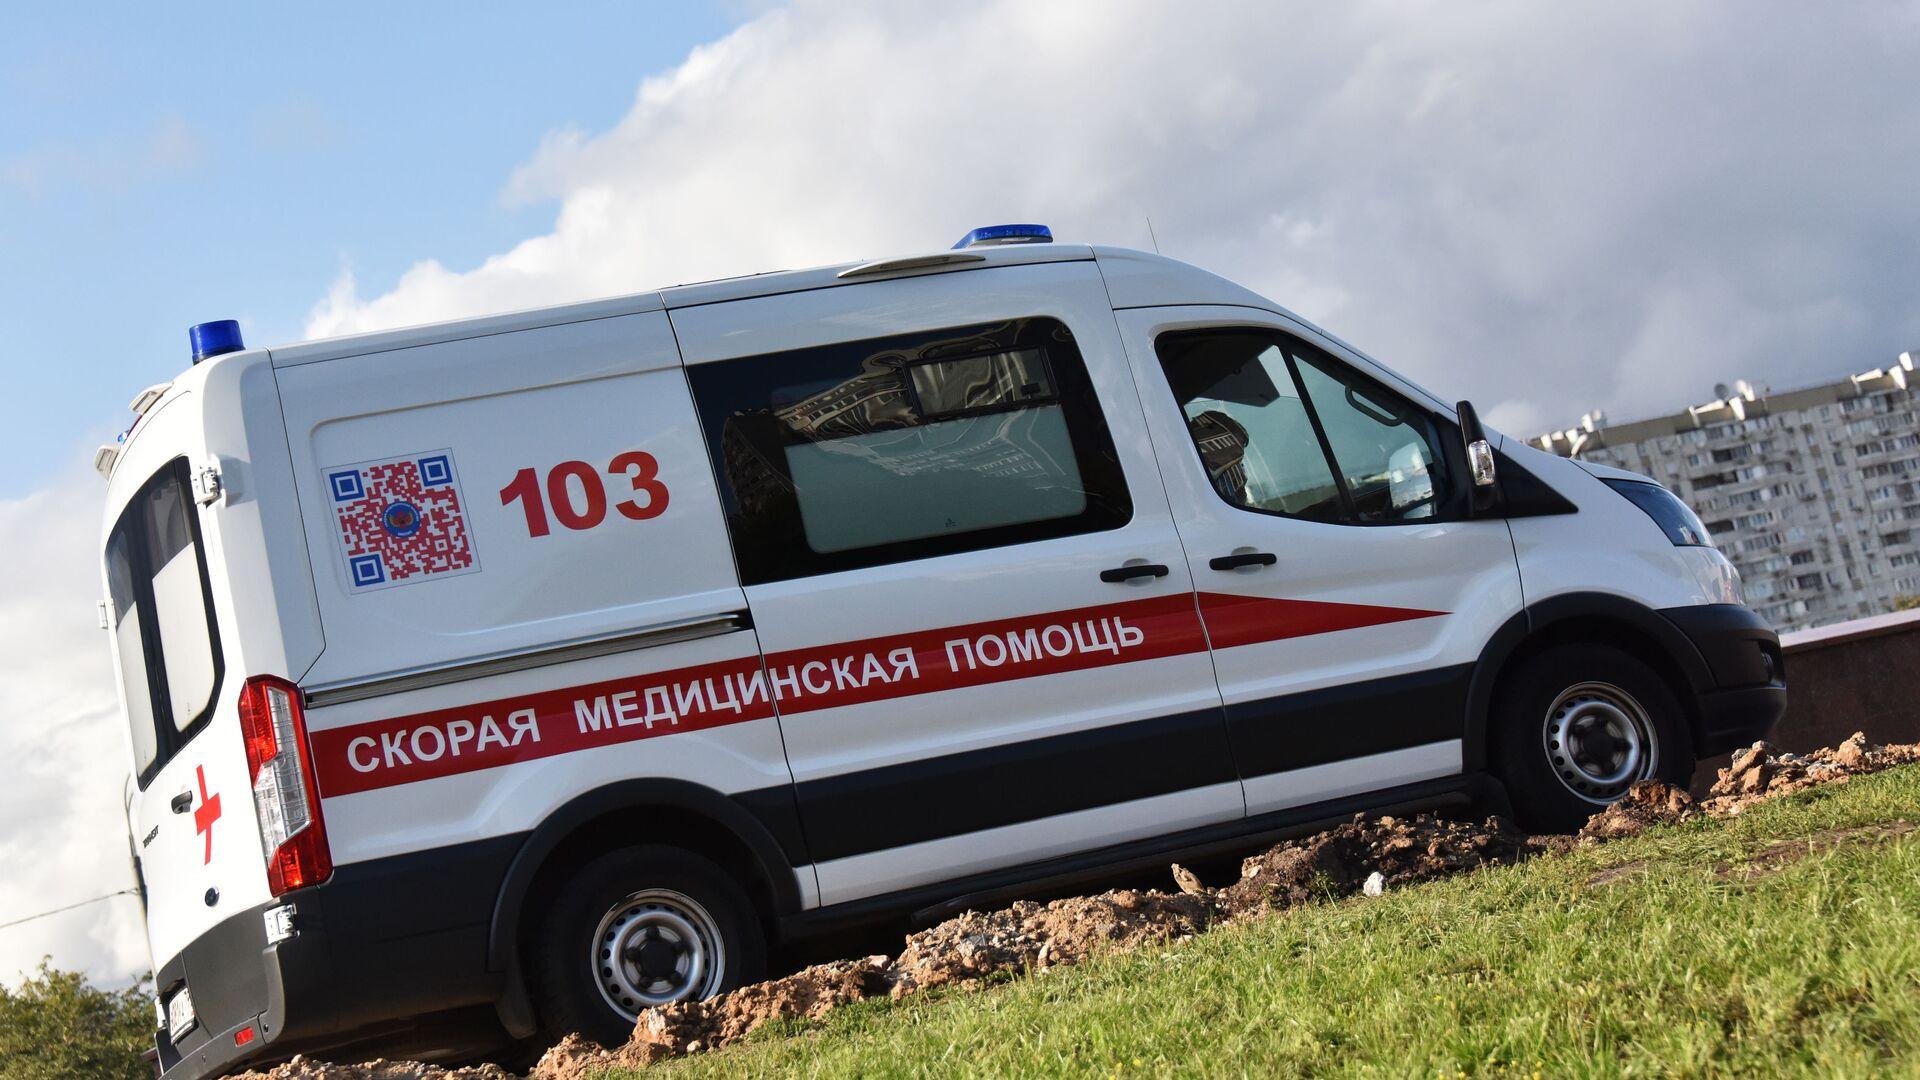 Автомобиль скорой медицинской помощи, архивное фото - Sputnik Беларусь, 1920, 23.09.2021